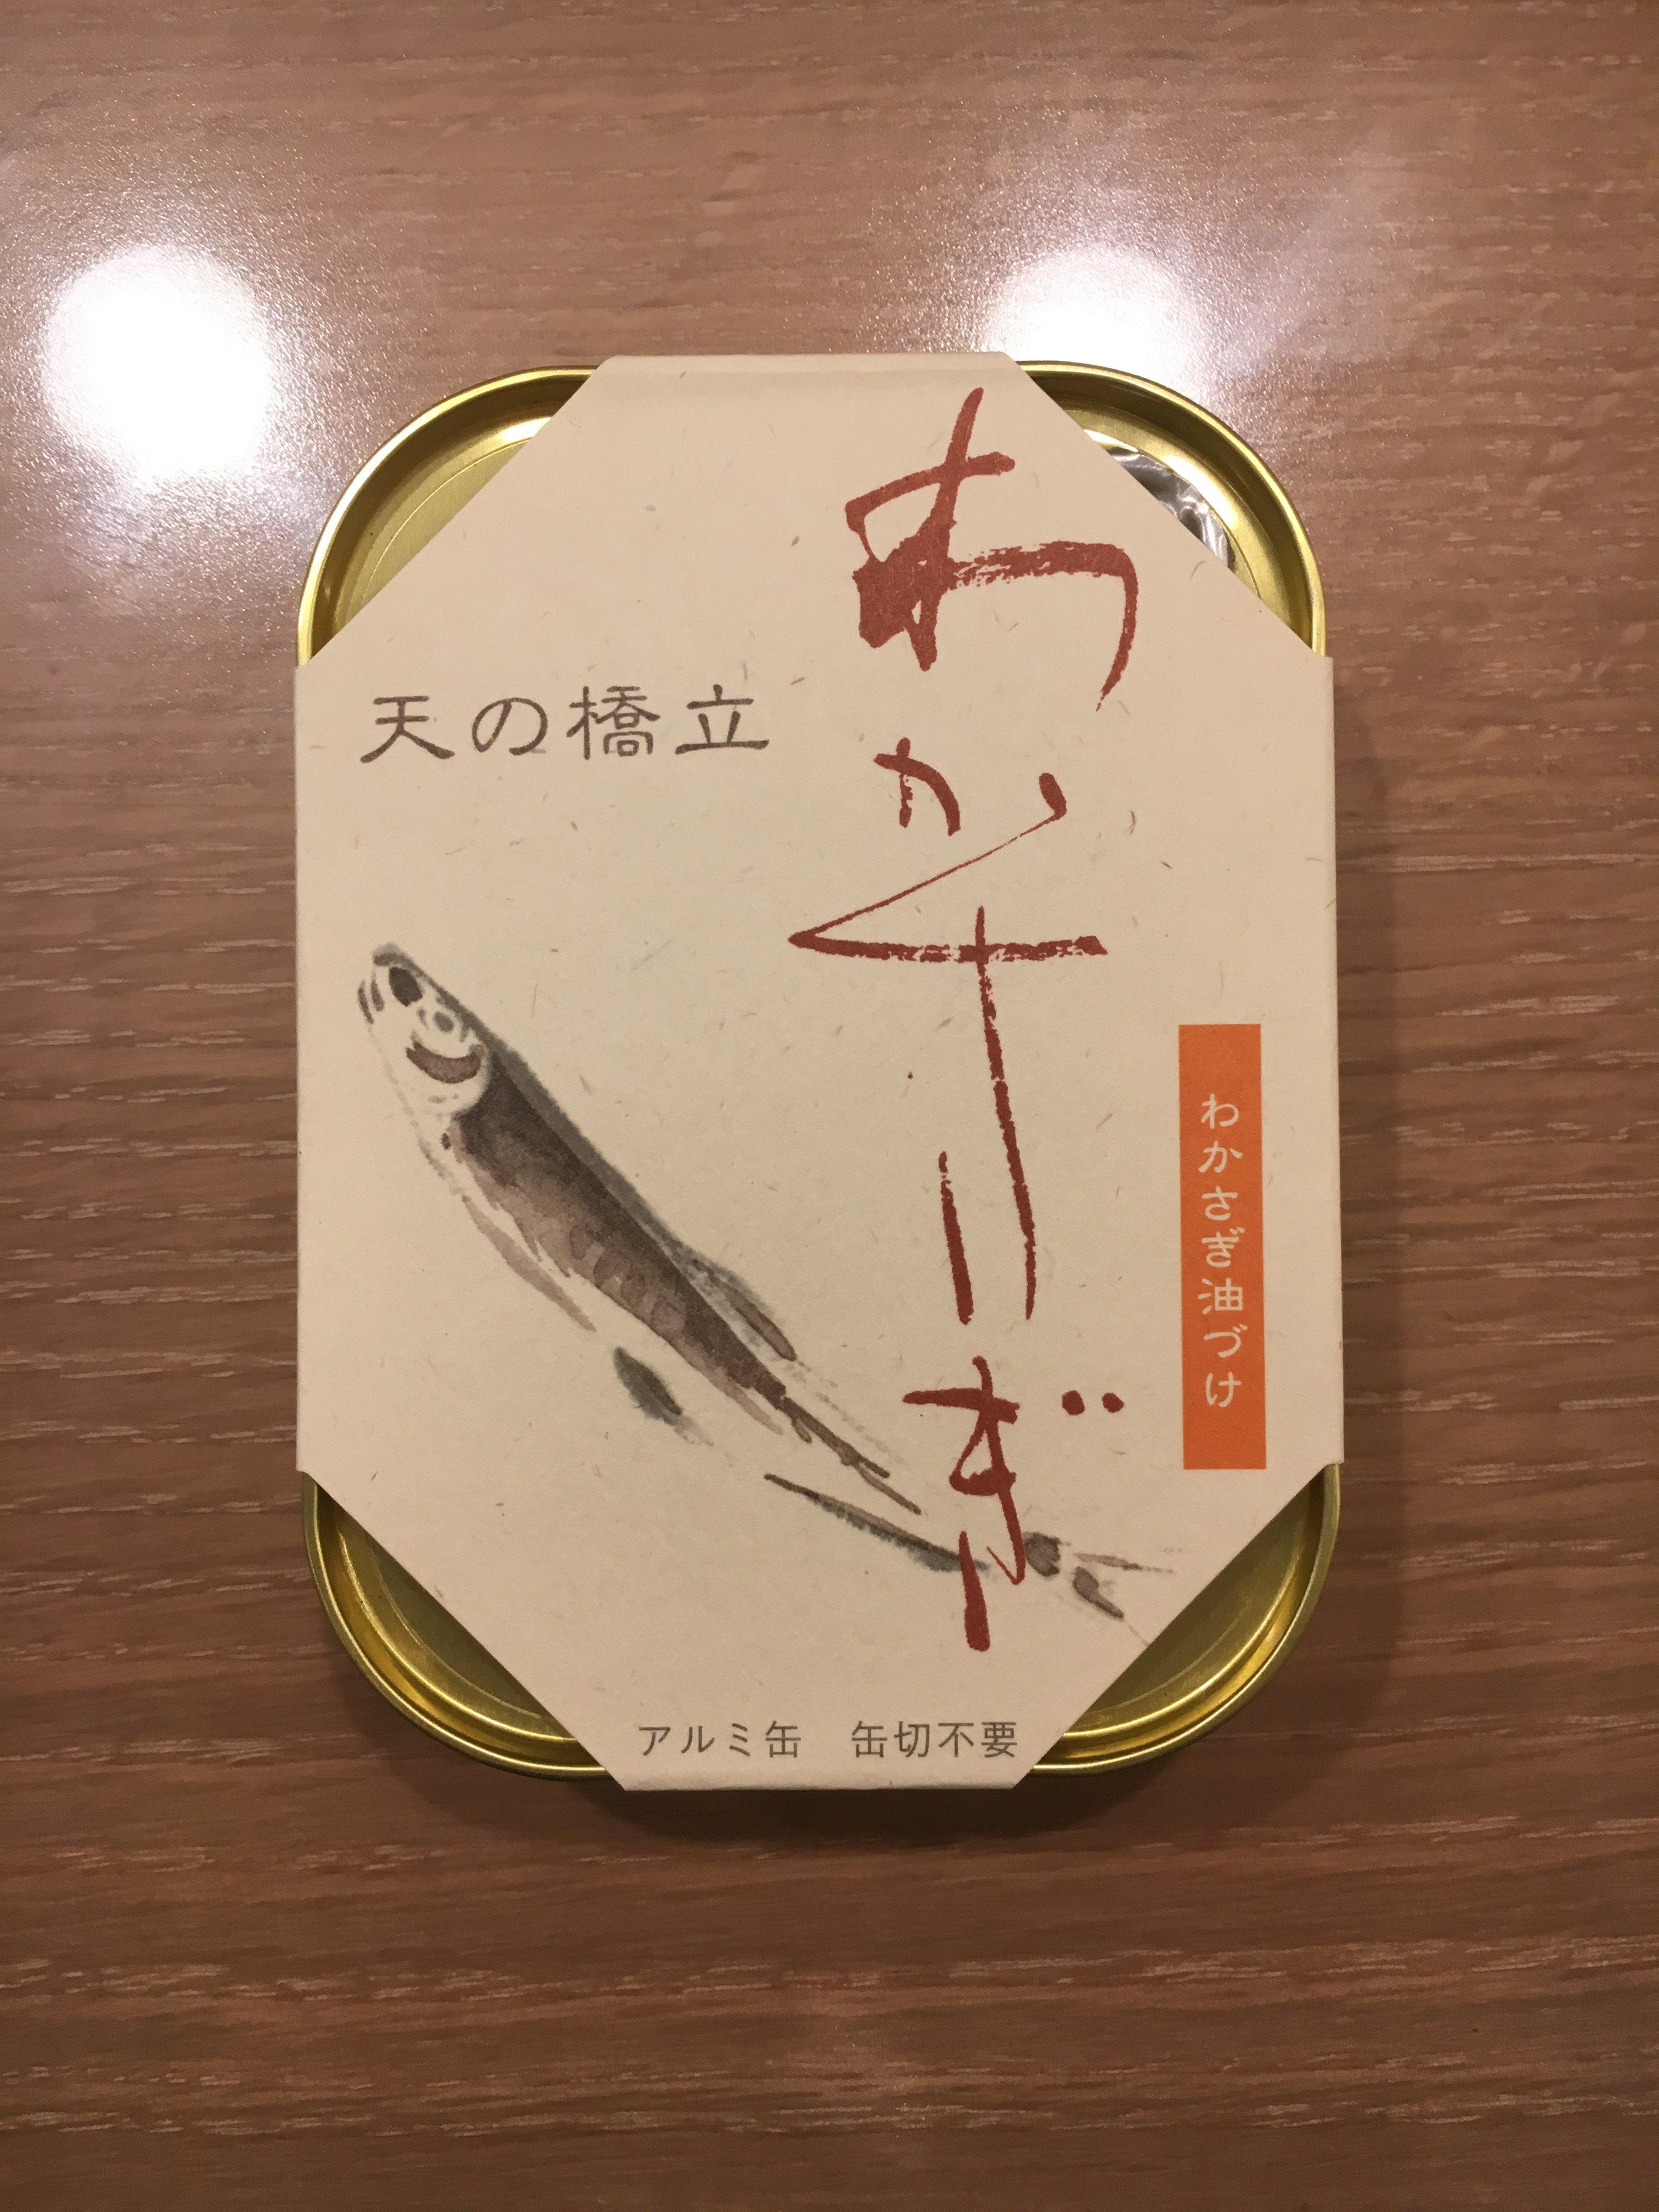 竹中缶詰 天の橋立 わかさぎ油漬け たんぱくでシンプル それゆえ箸が止まりません